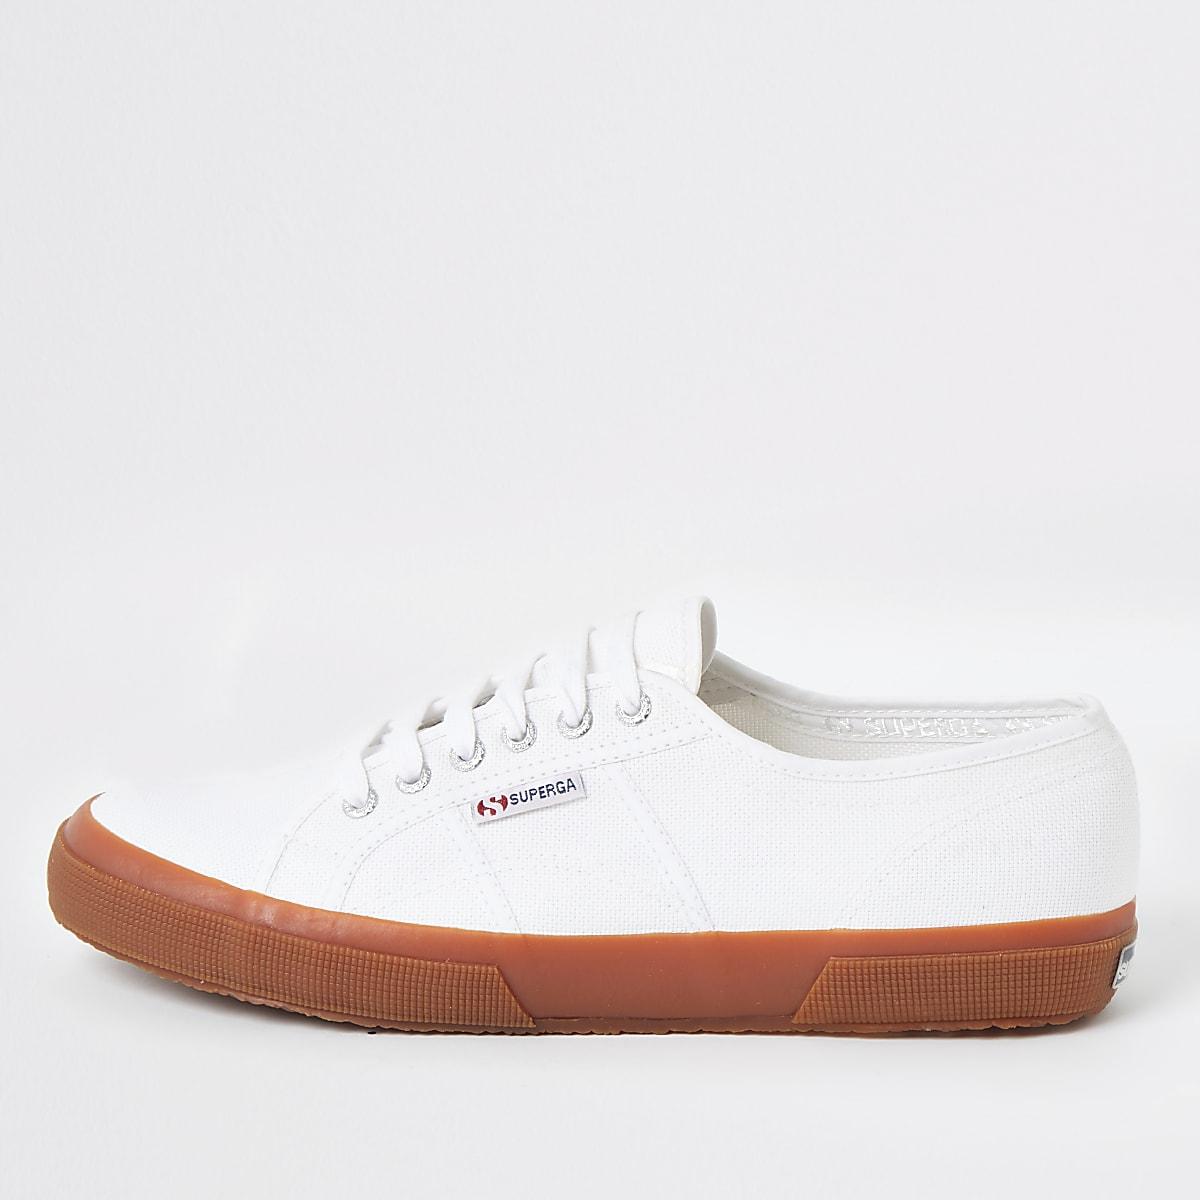 Superga - Witte klassieke hardloopschoenen met rubberen zool